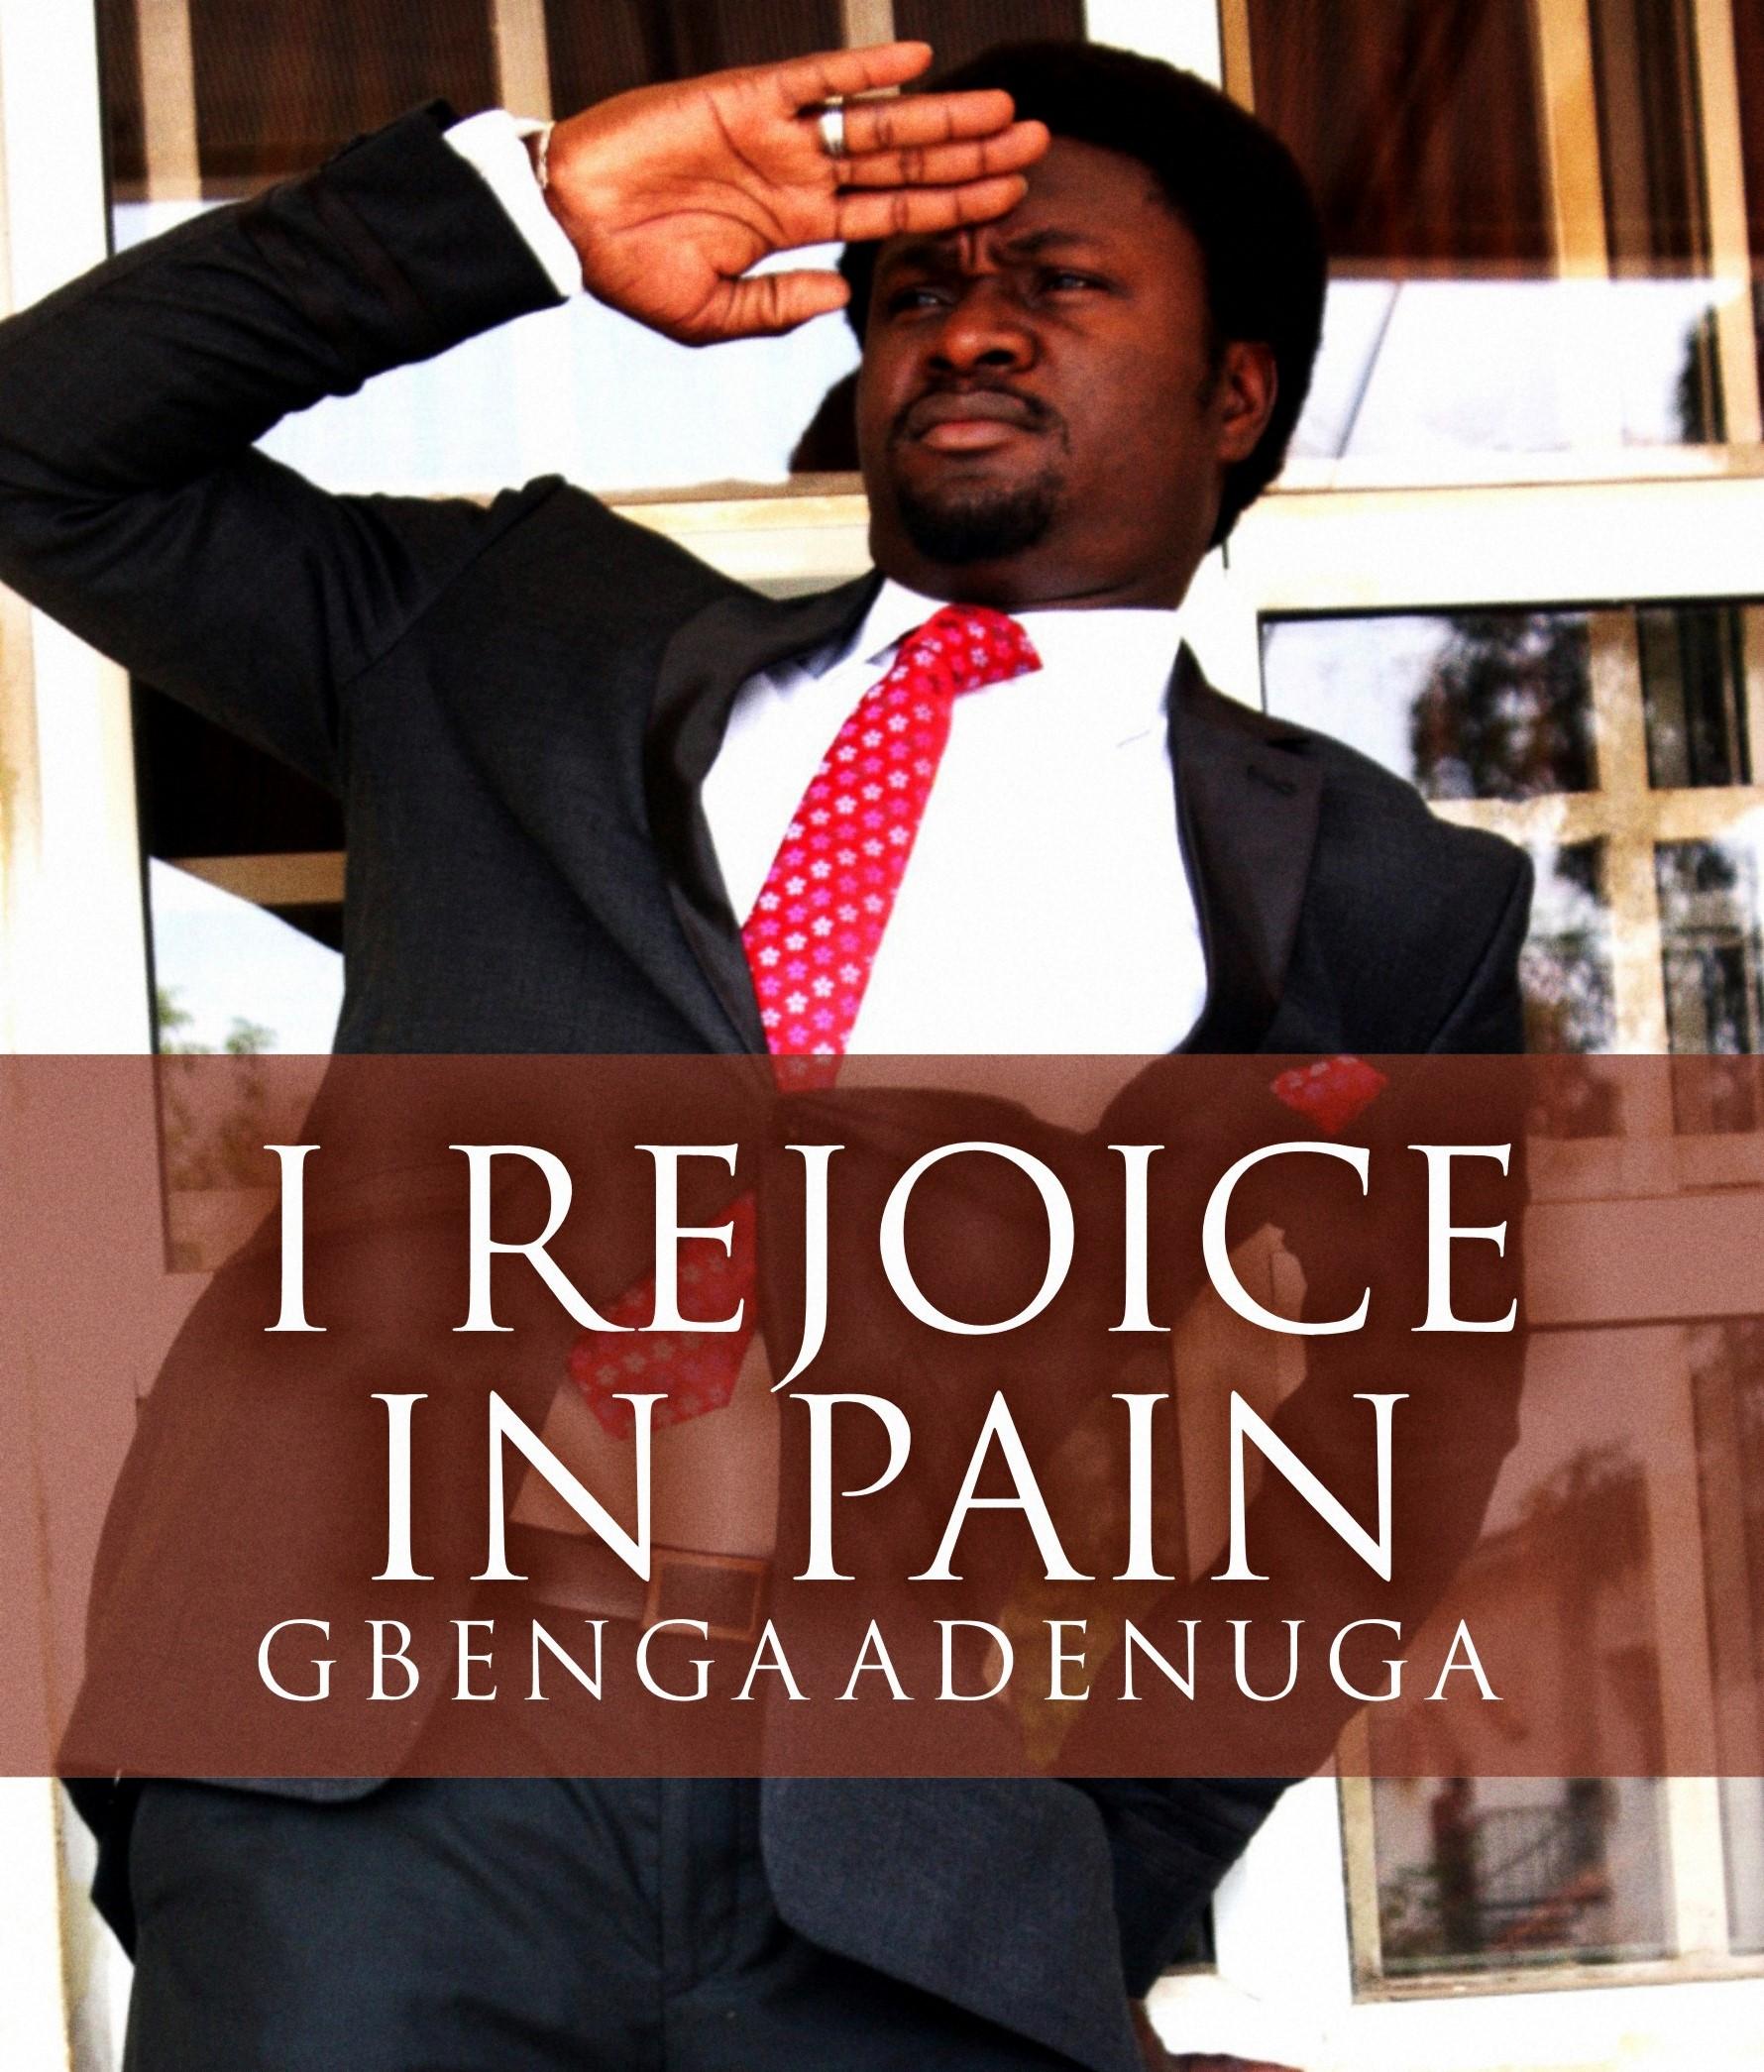 Gbenga Adenuga - I REJOICE IN PAIN | AceWorldTeam.com